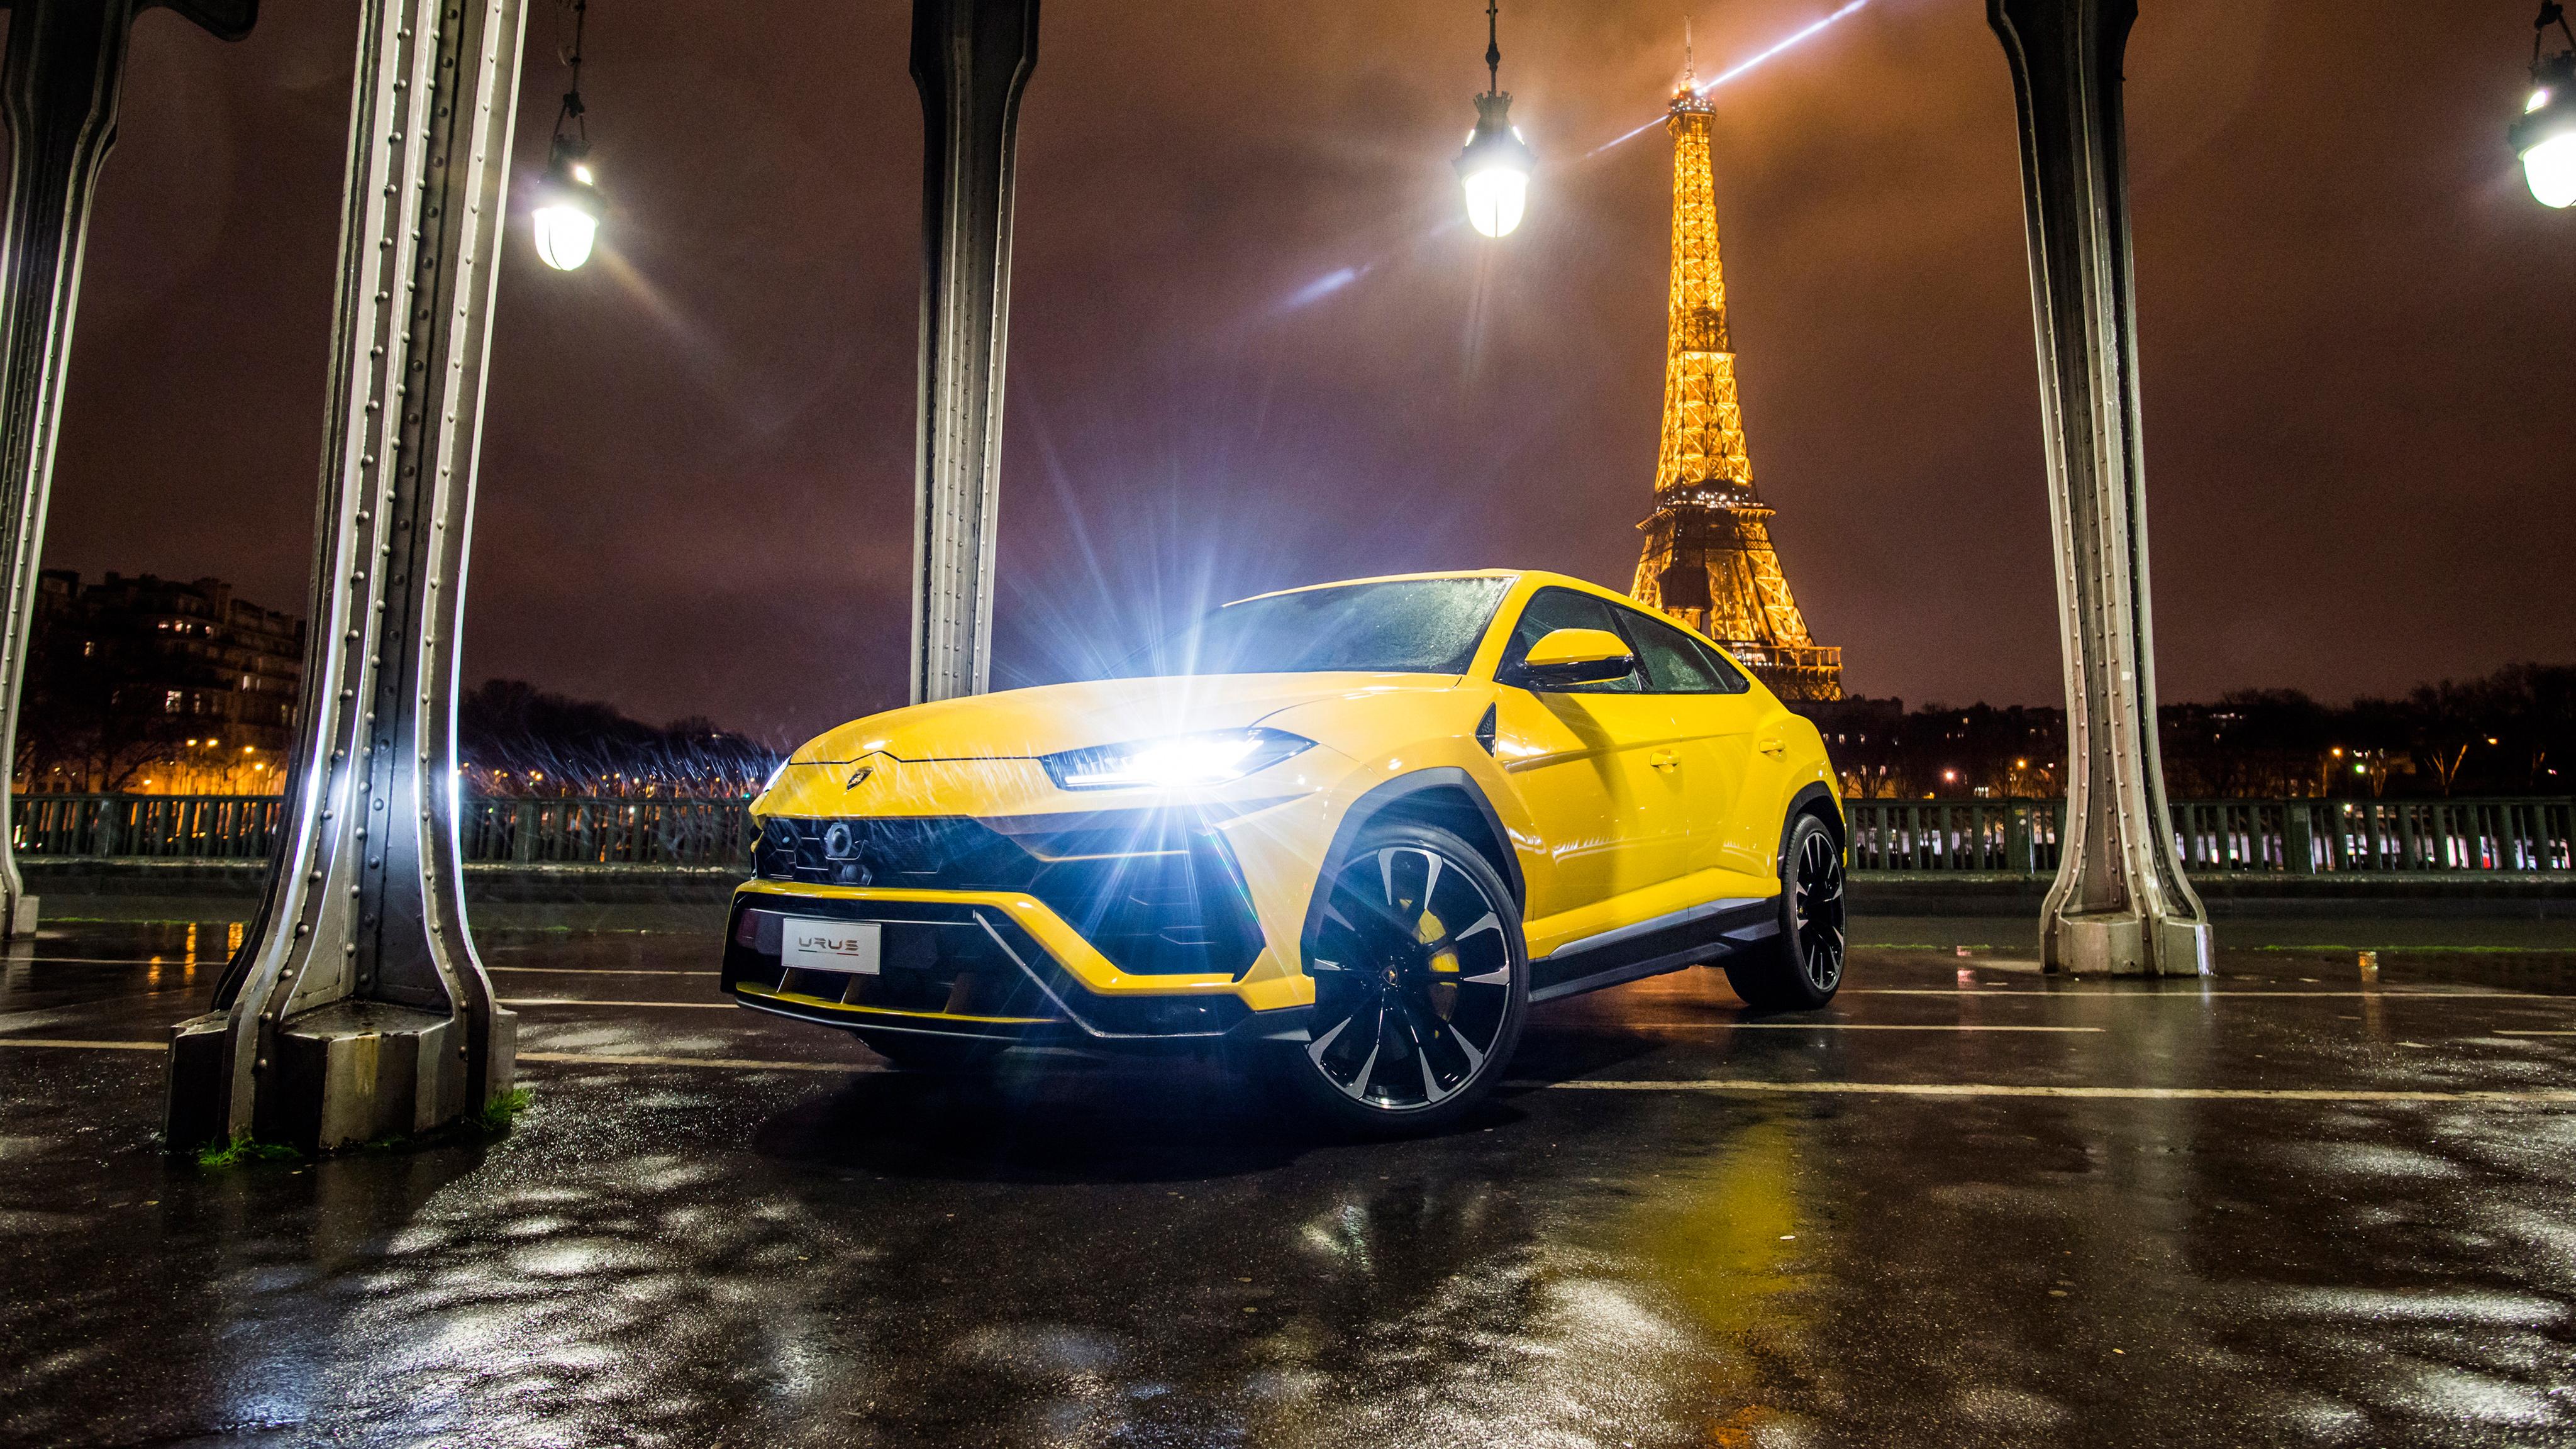 Lamborghini Urus 2018 4K 2 Wallpaper  HD Car Wallpapers  ID 9525